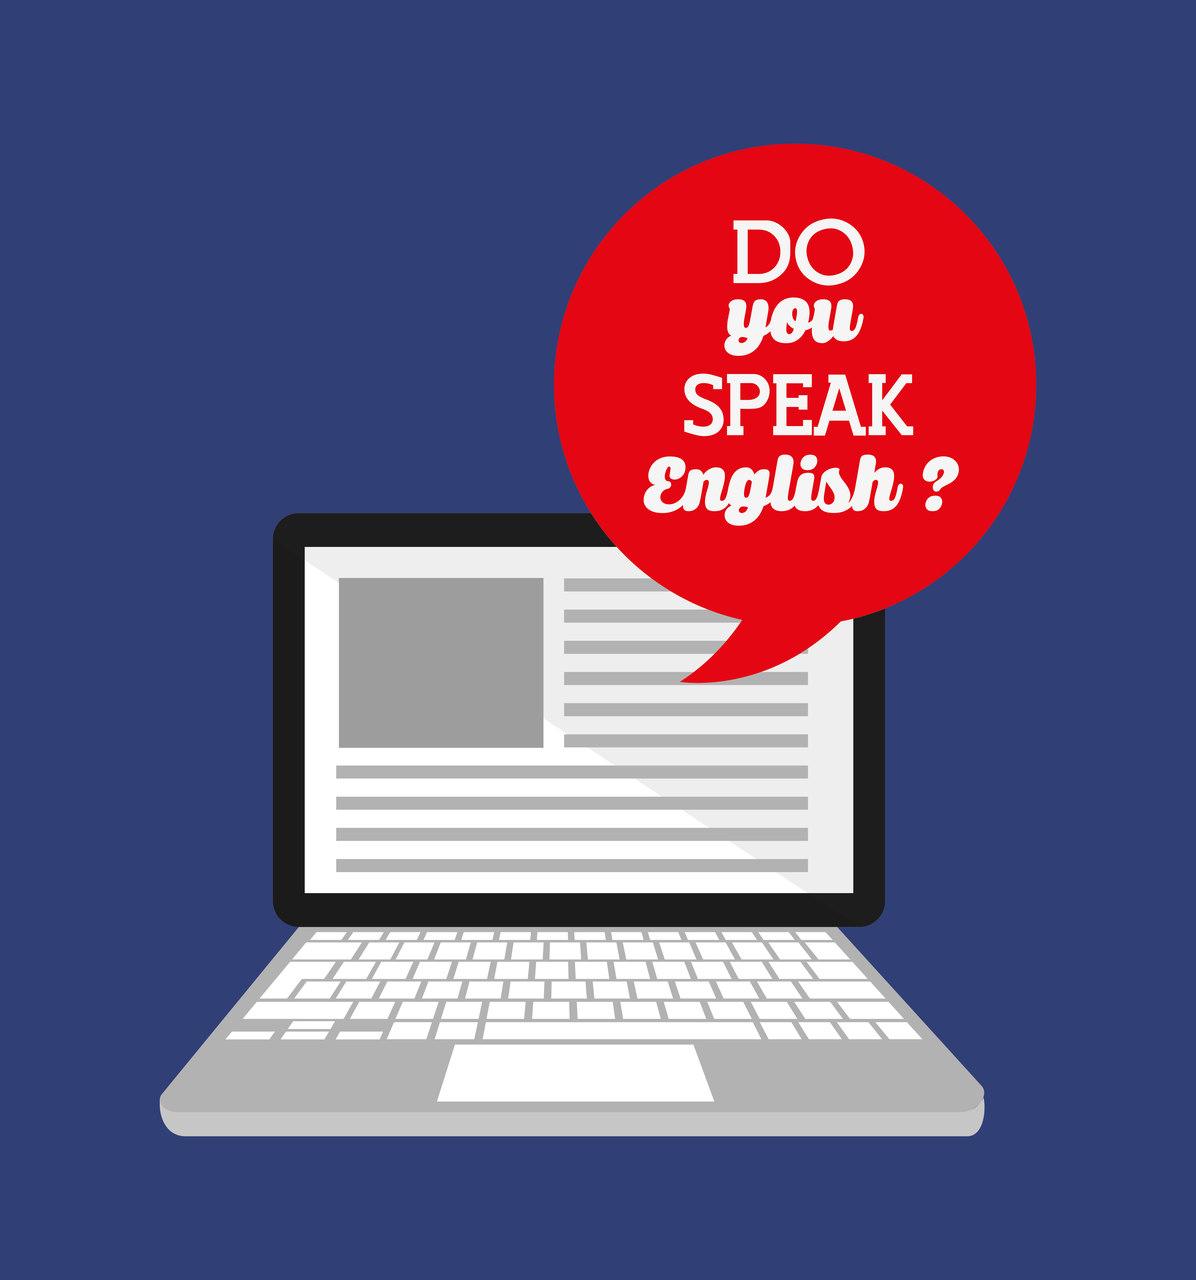 Curso Inglês Simples Assim vale a pena? Veja avaliação.